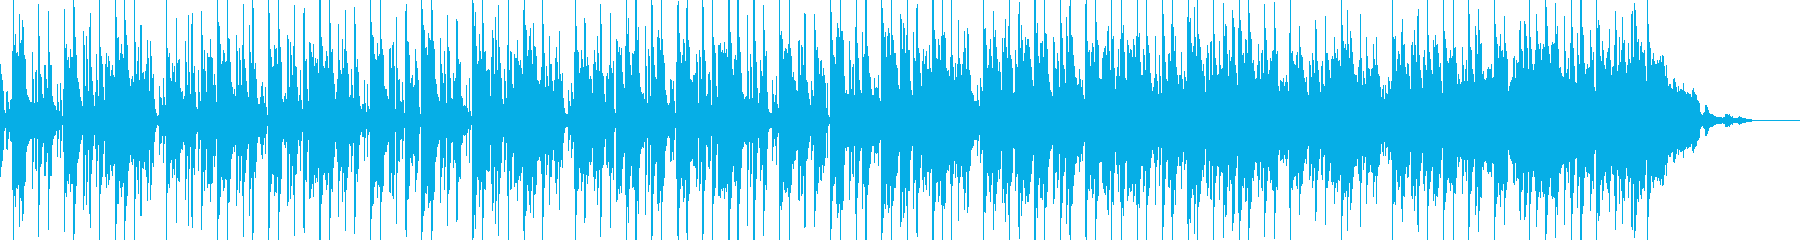 爽やかなジャズ風の再生済みの波形